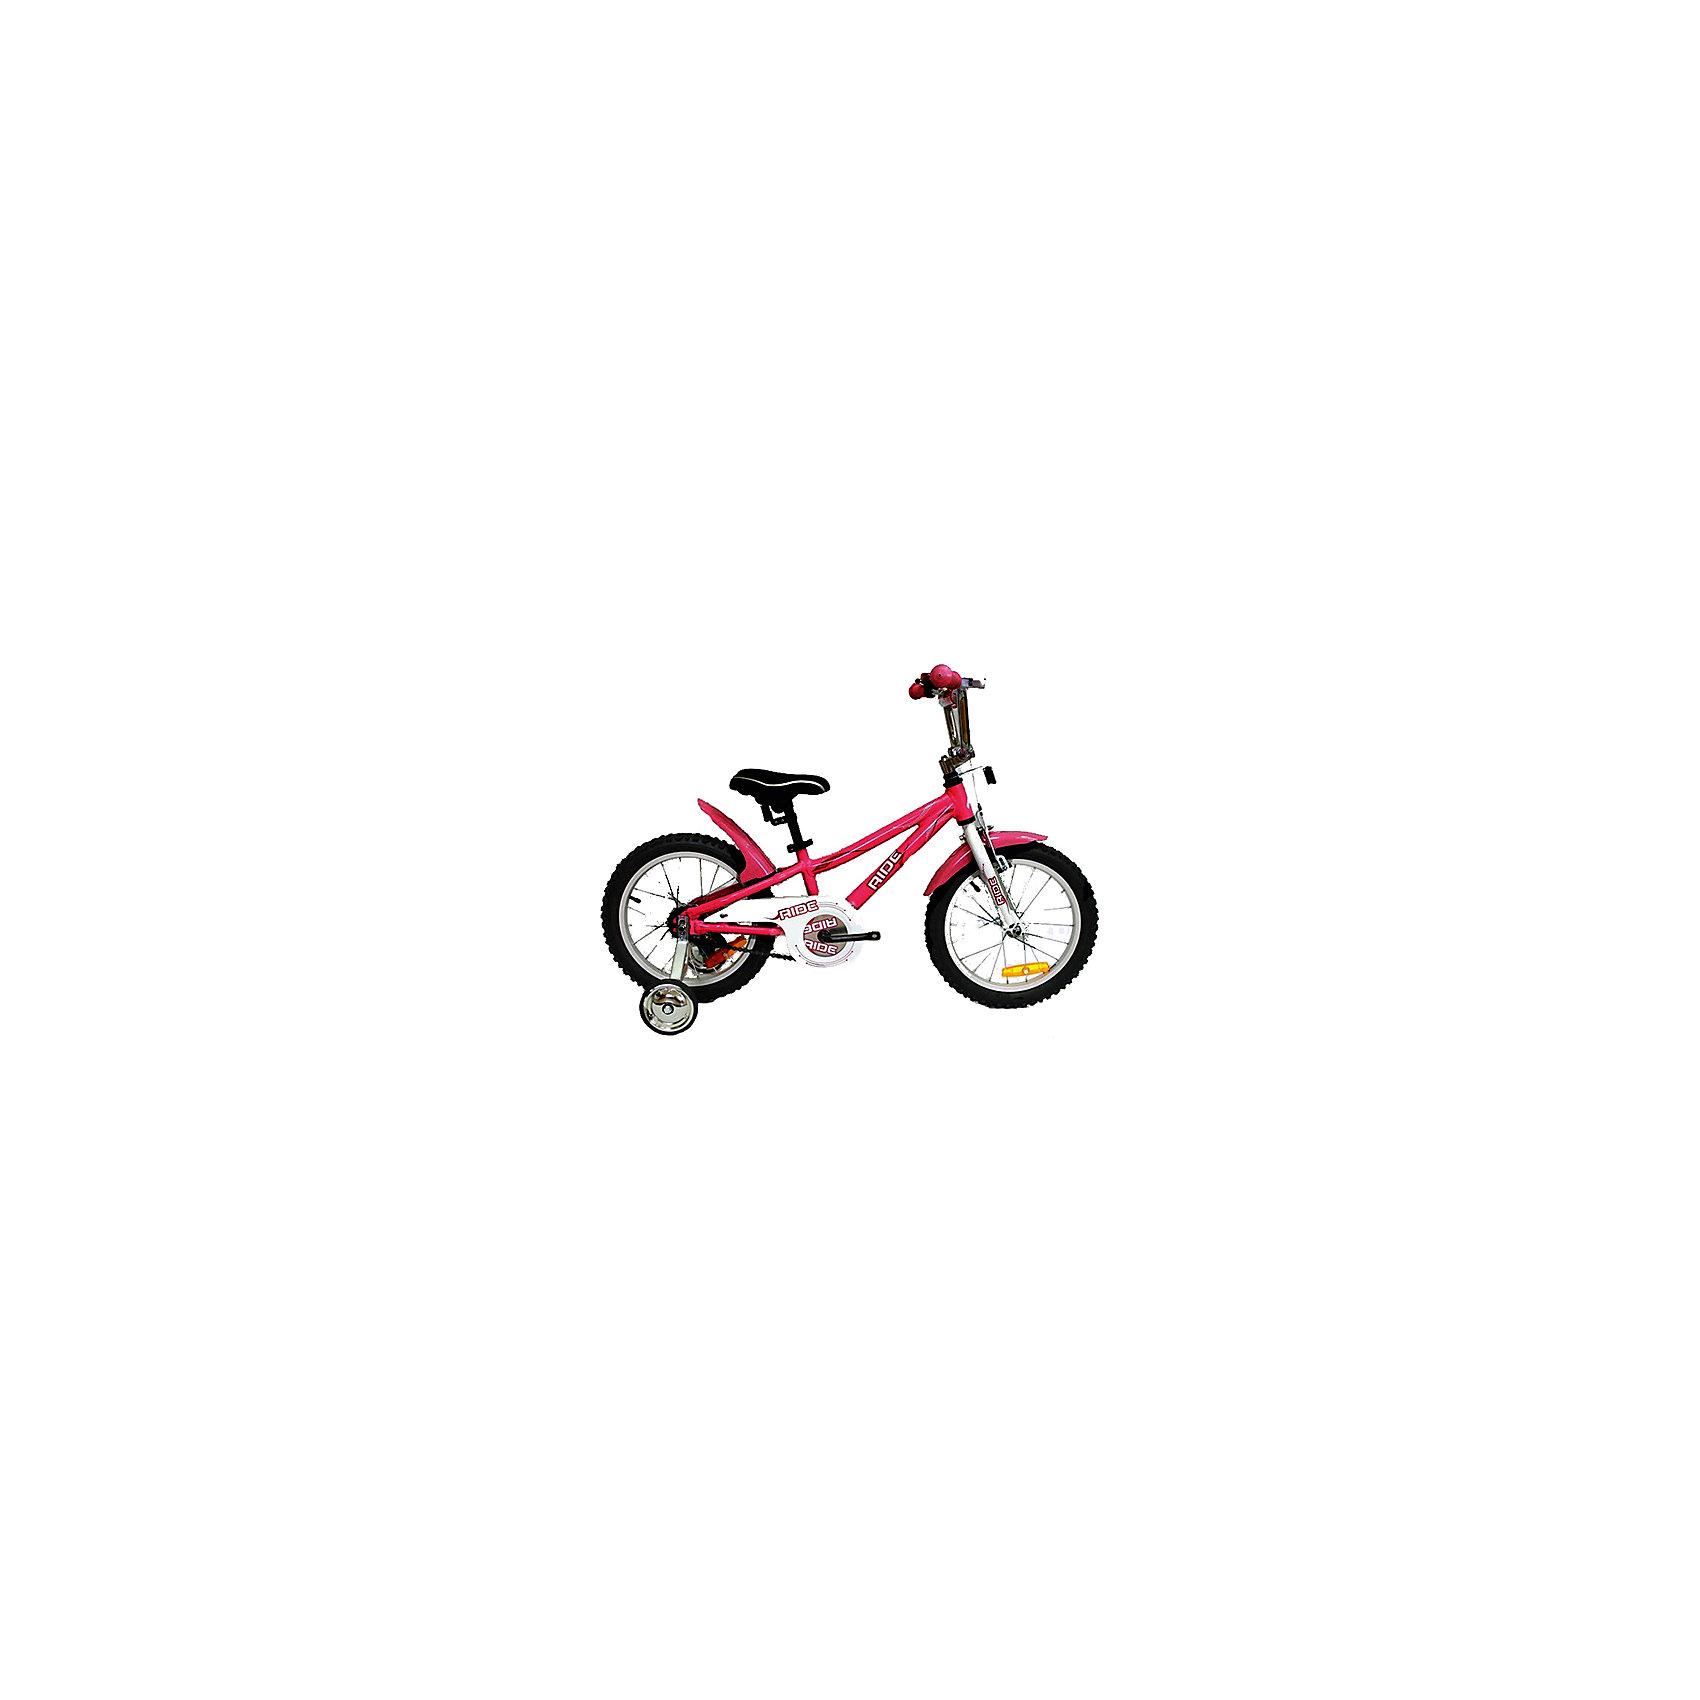 Велосипед RIDE, MARS, темно-розовыйВелосипеды детские<br><br><br>Ширина мм: 600<br>Глубина мм: 600<br>Высота мм: 1000<br>Вес г: 11200<br>Возраст от месяцев: 36<br>Возраст до месяцев: 84<br>Пол: Унисекс<br>Возраст: Детский<br>SKU: 4785502